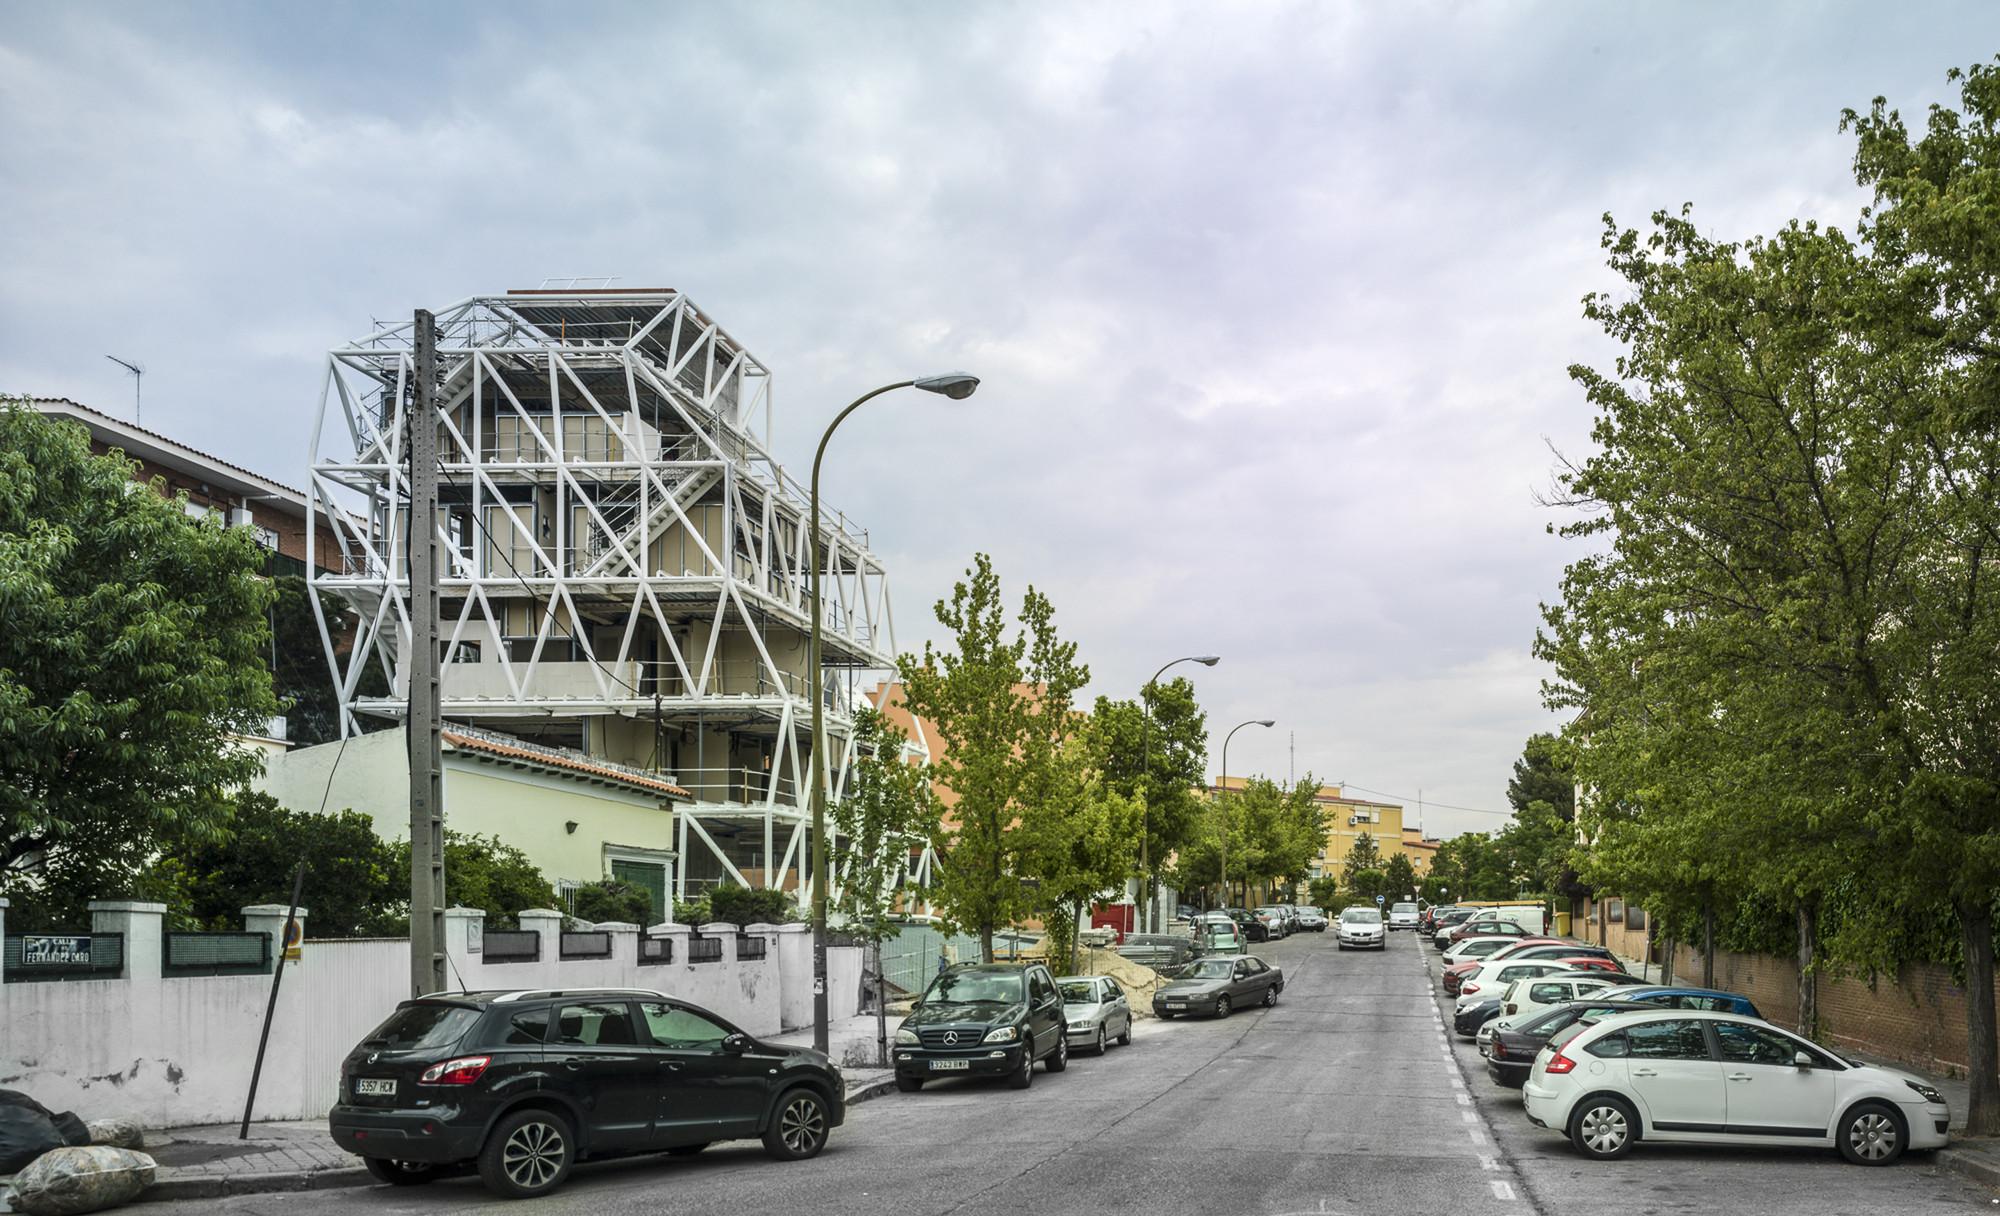 En Construcción: Departamentos con jardines perimetrales en Madrid / SUMA, © Jesús Granada